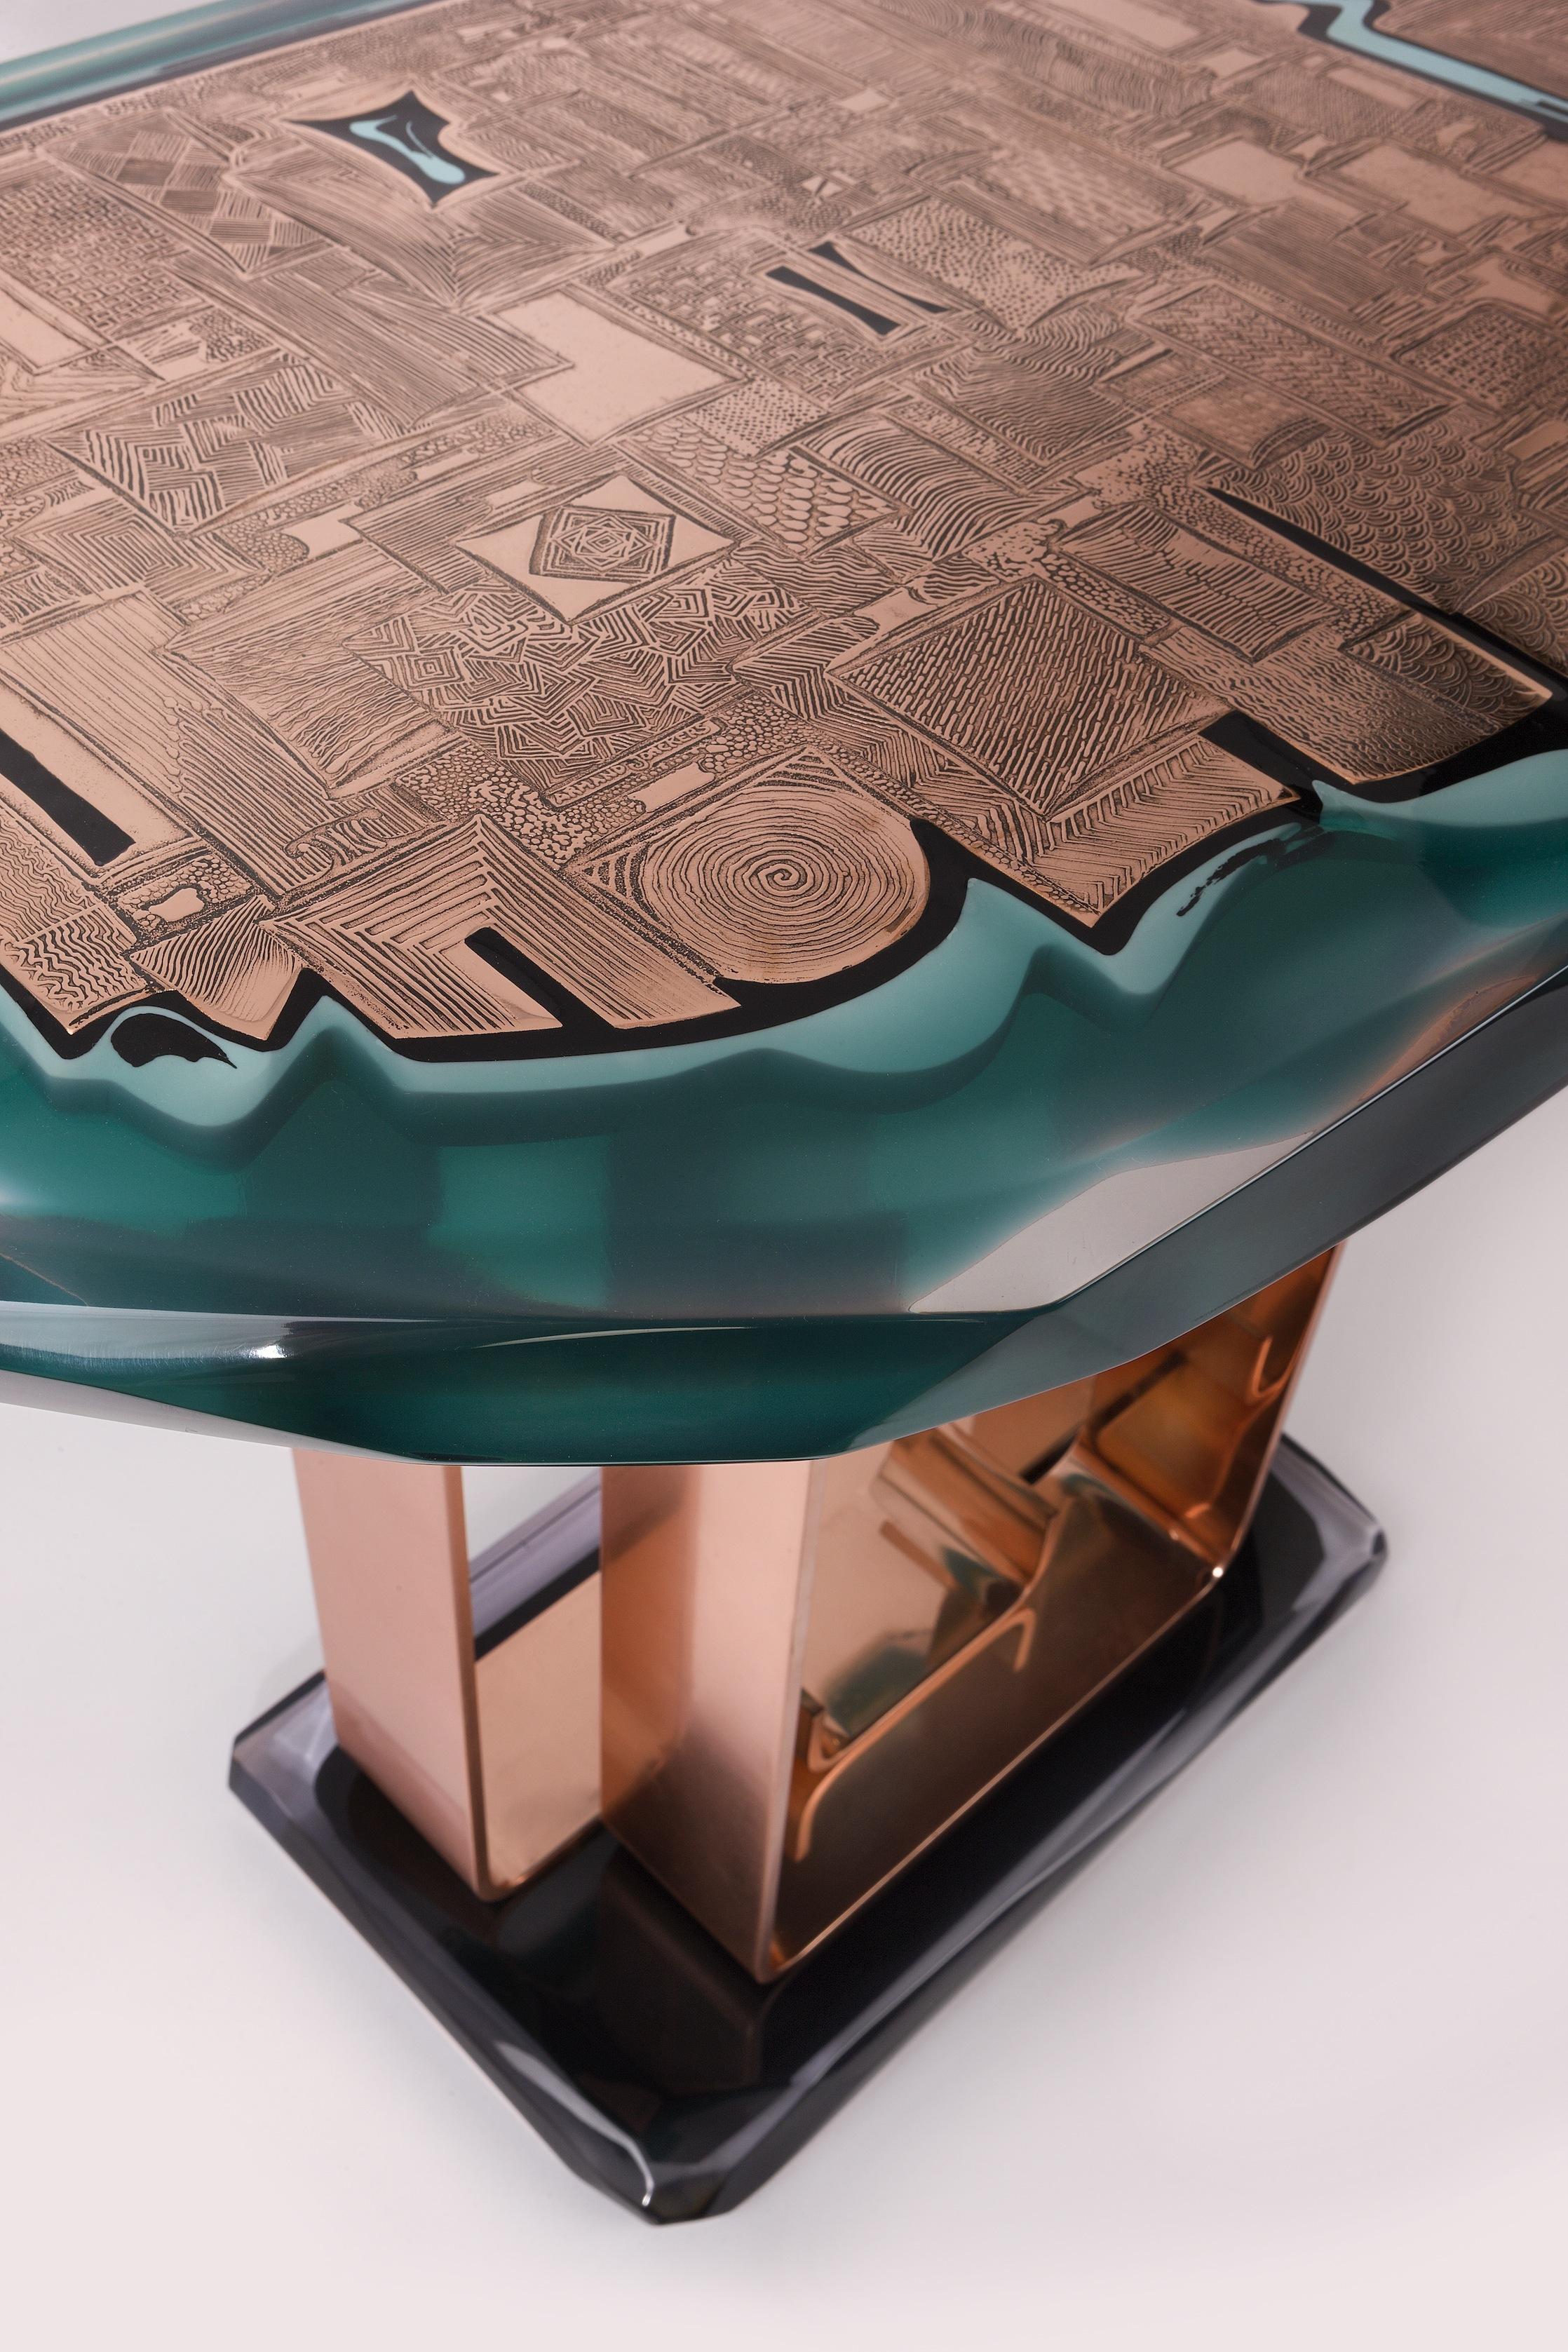 Cuir de Russie - Console - Cuivre gravé et résine - 110cm x 65cm x 92cmH